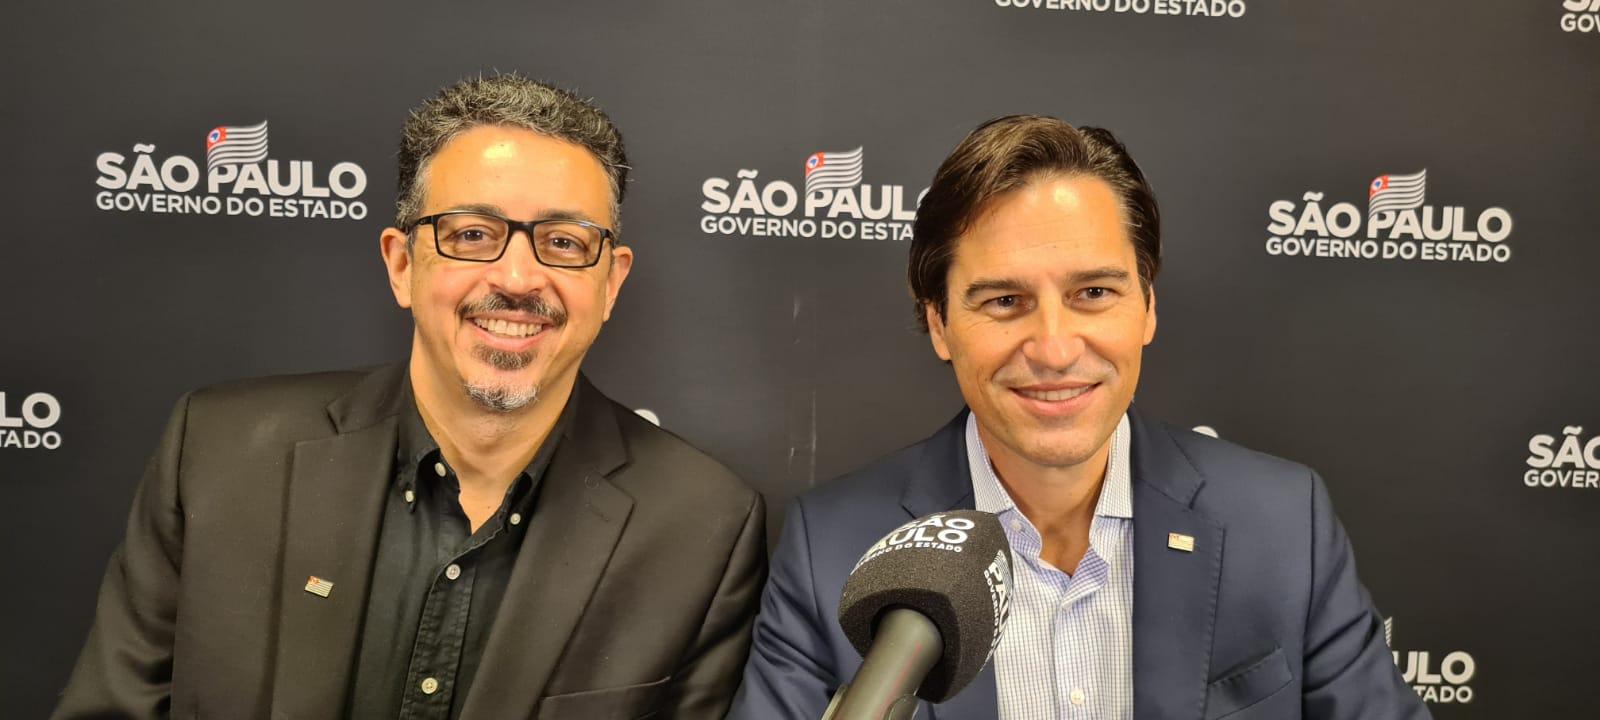 Estado de São Paulo terá semana de destaque na Expo Dubai